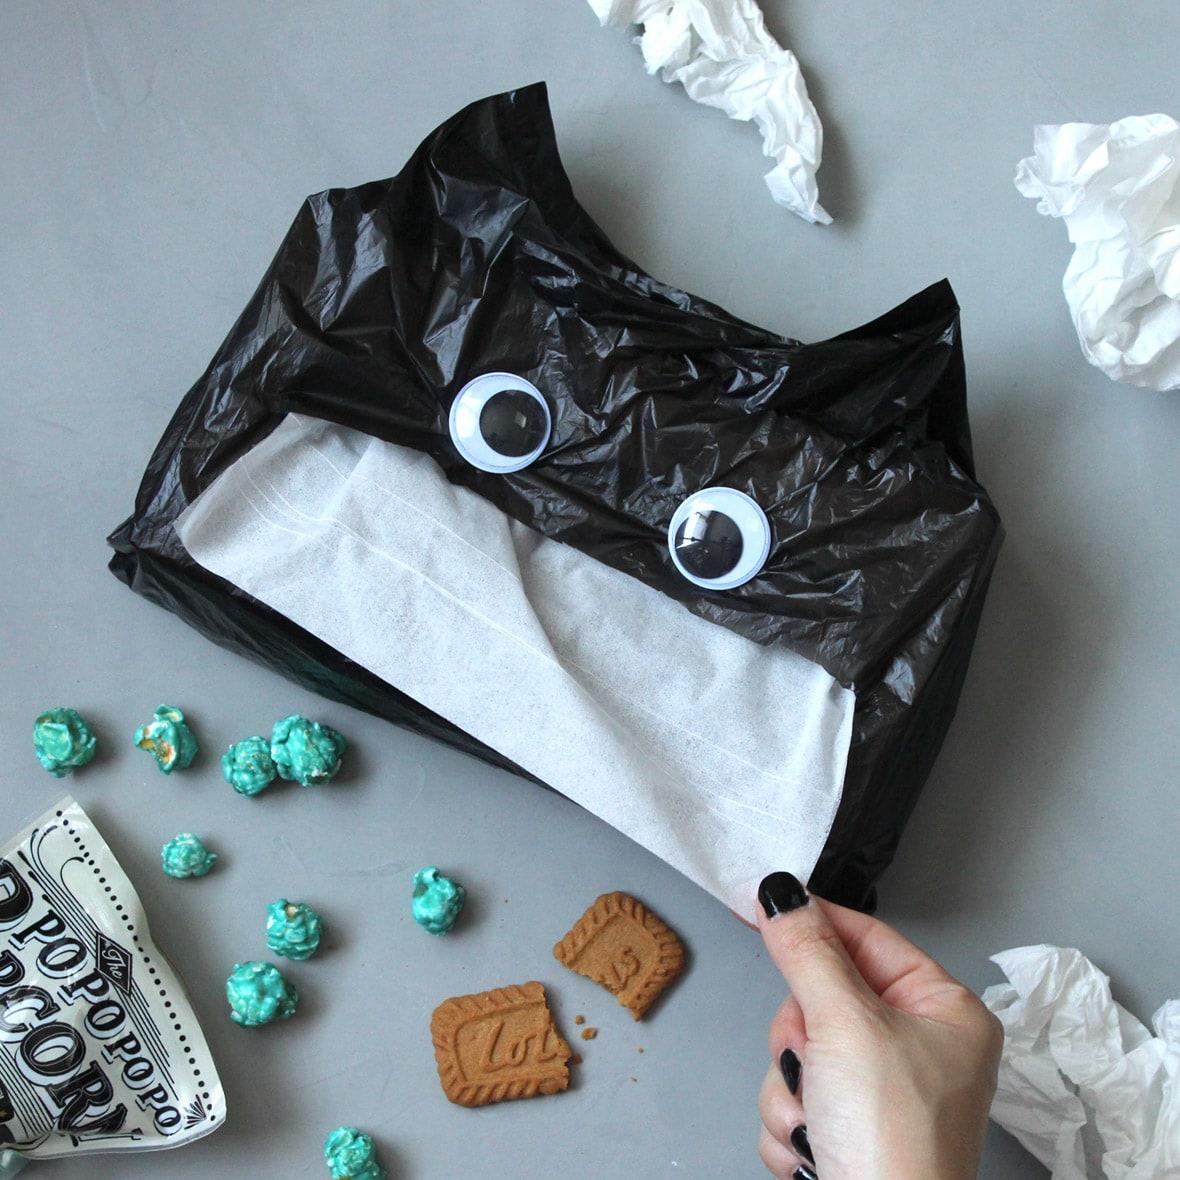 いつものティッシュもハロウィン仕様に!黒ネコの手作りティッシュカバー